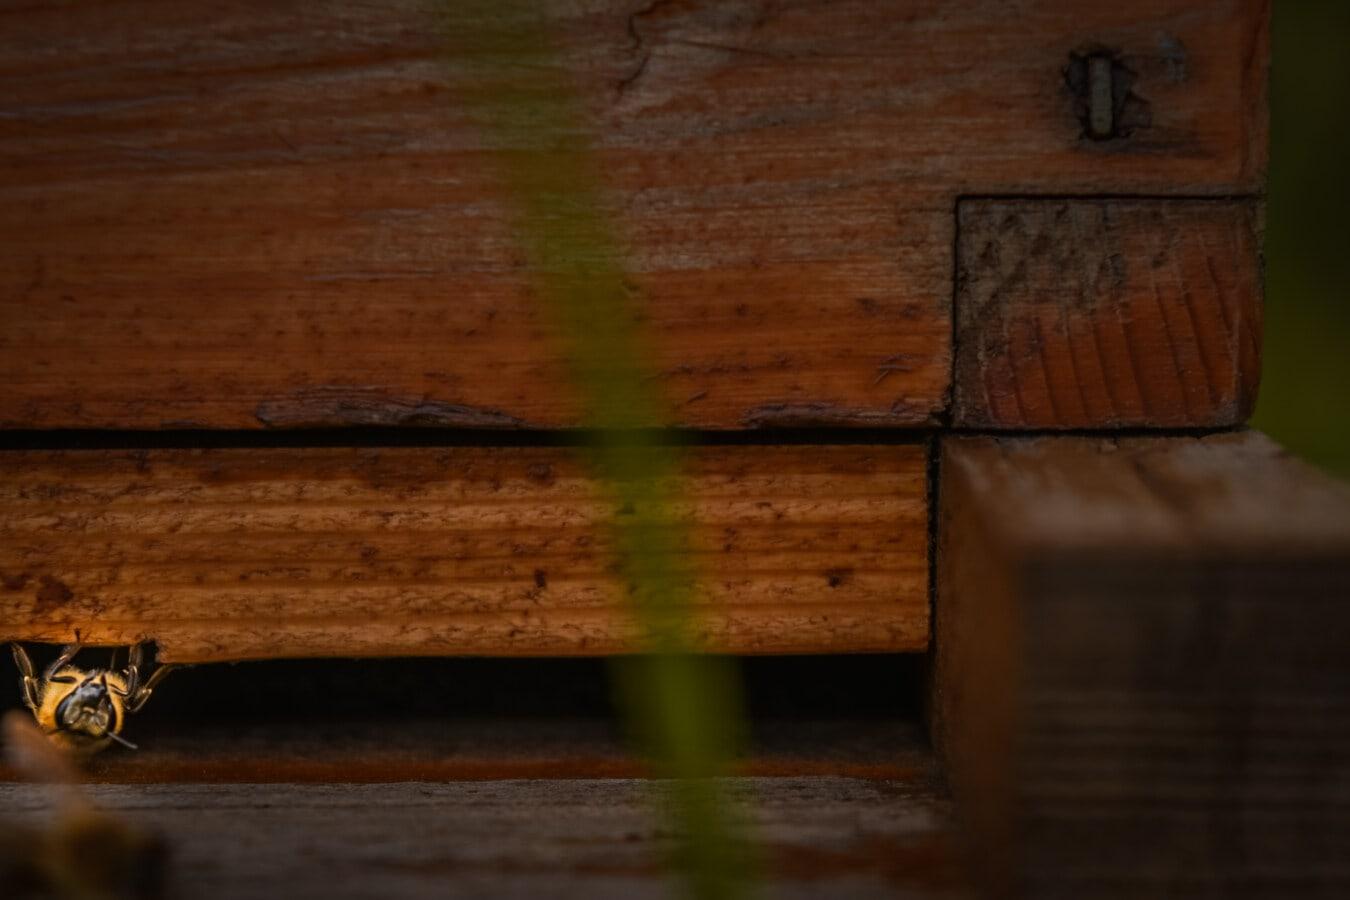 abeille, abeille, nid d'abeille, ruche, fermer, insecte, en détail, bois, retro, menuiserie